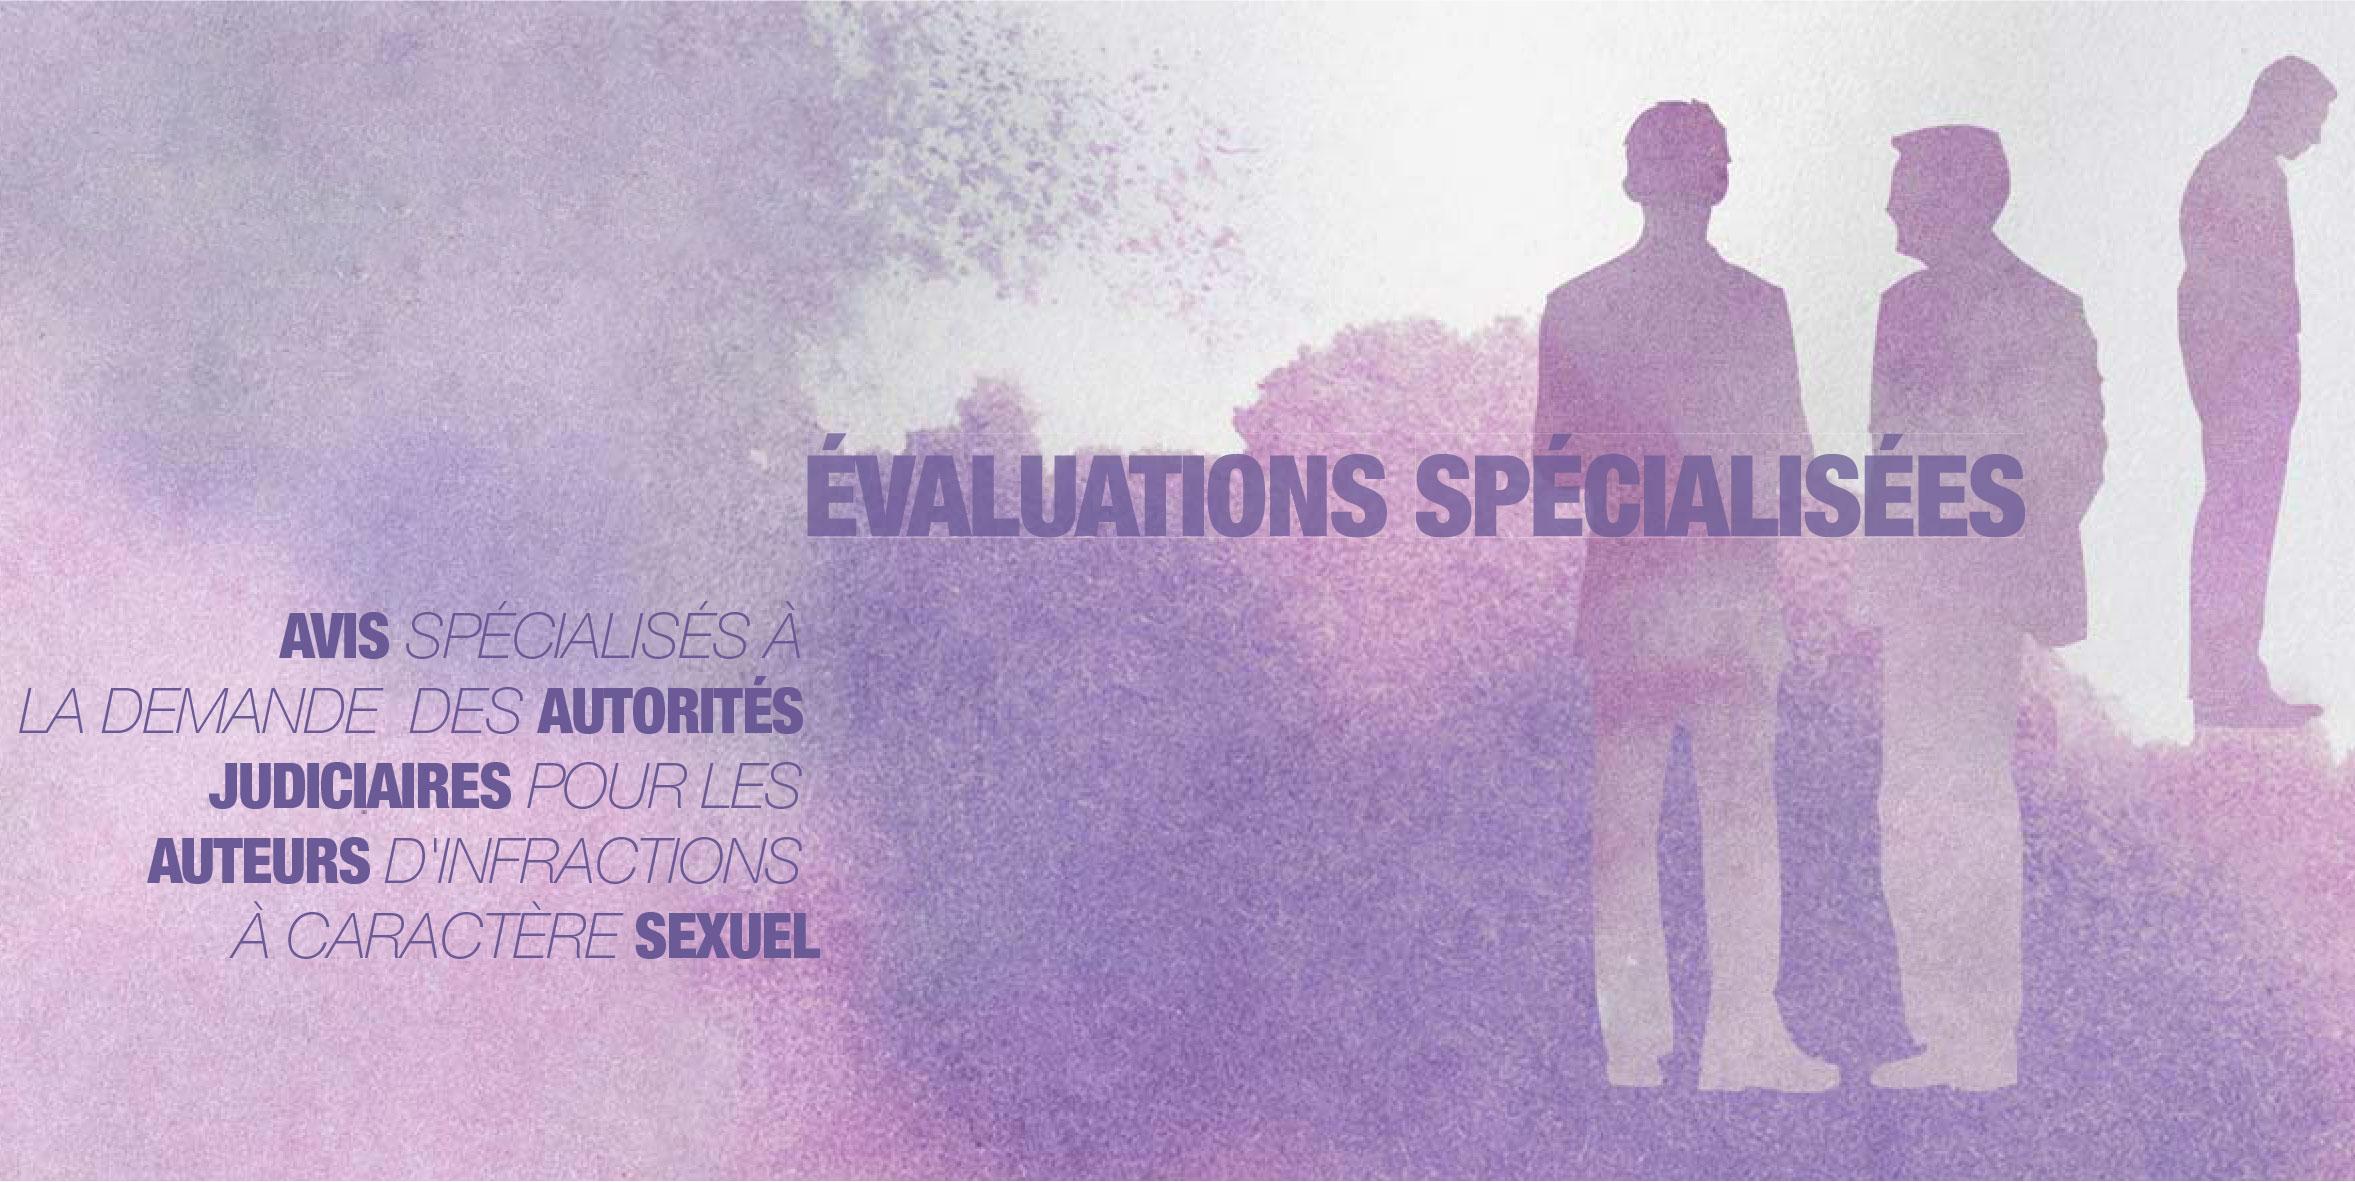 Evaluations spécialisées